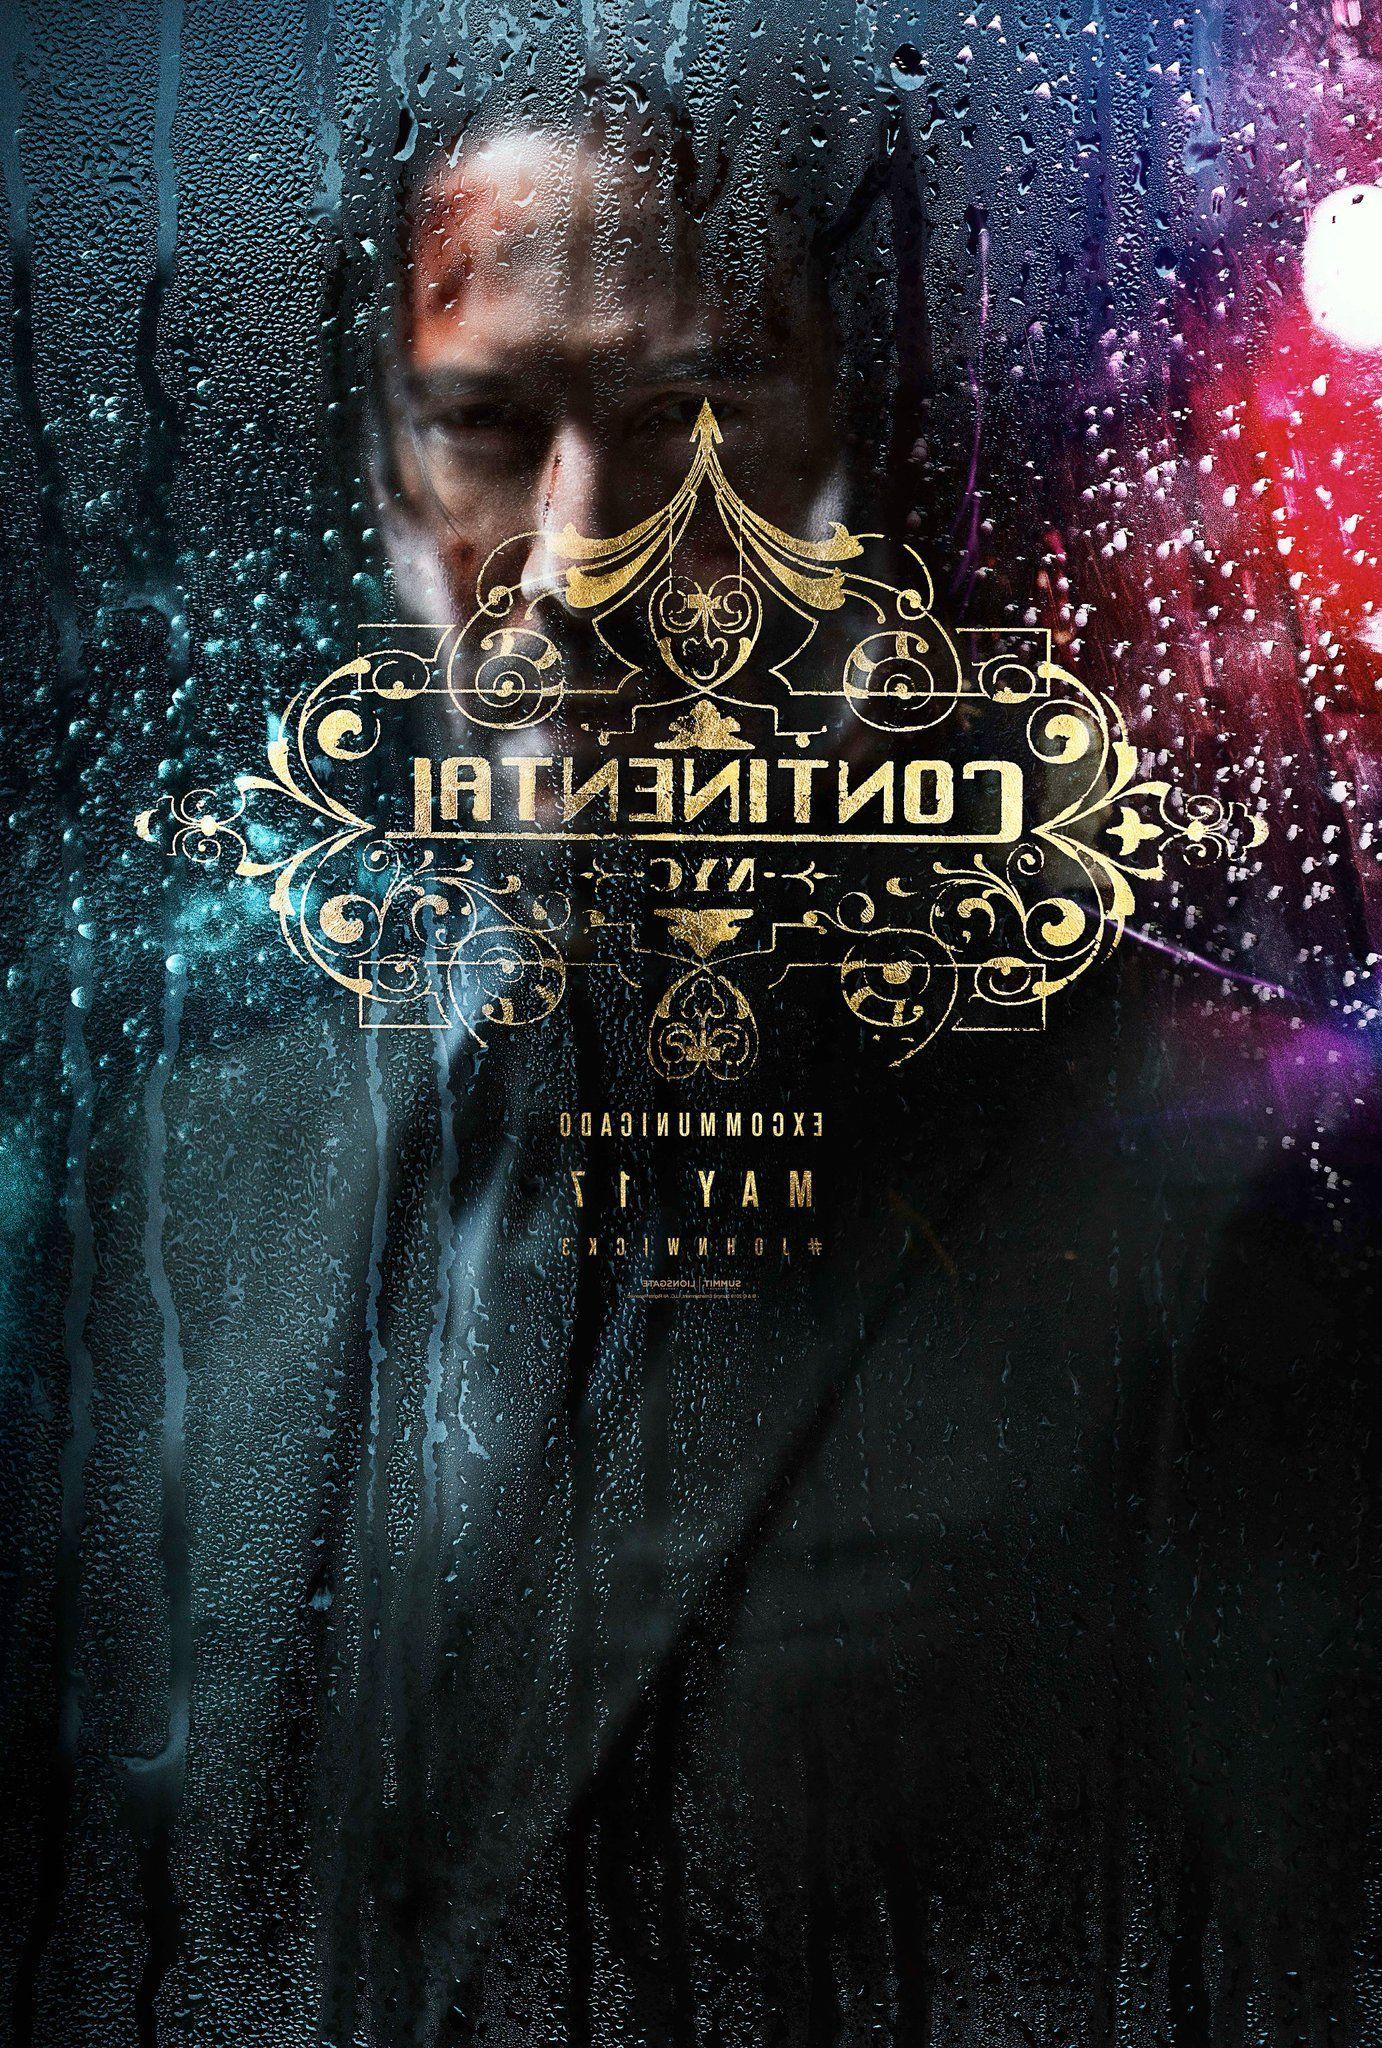 john wick 1 movie english subtitle